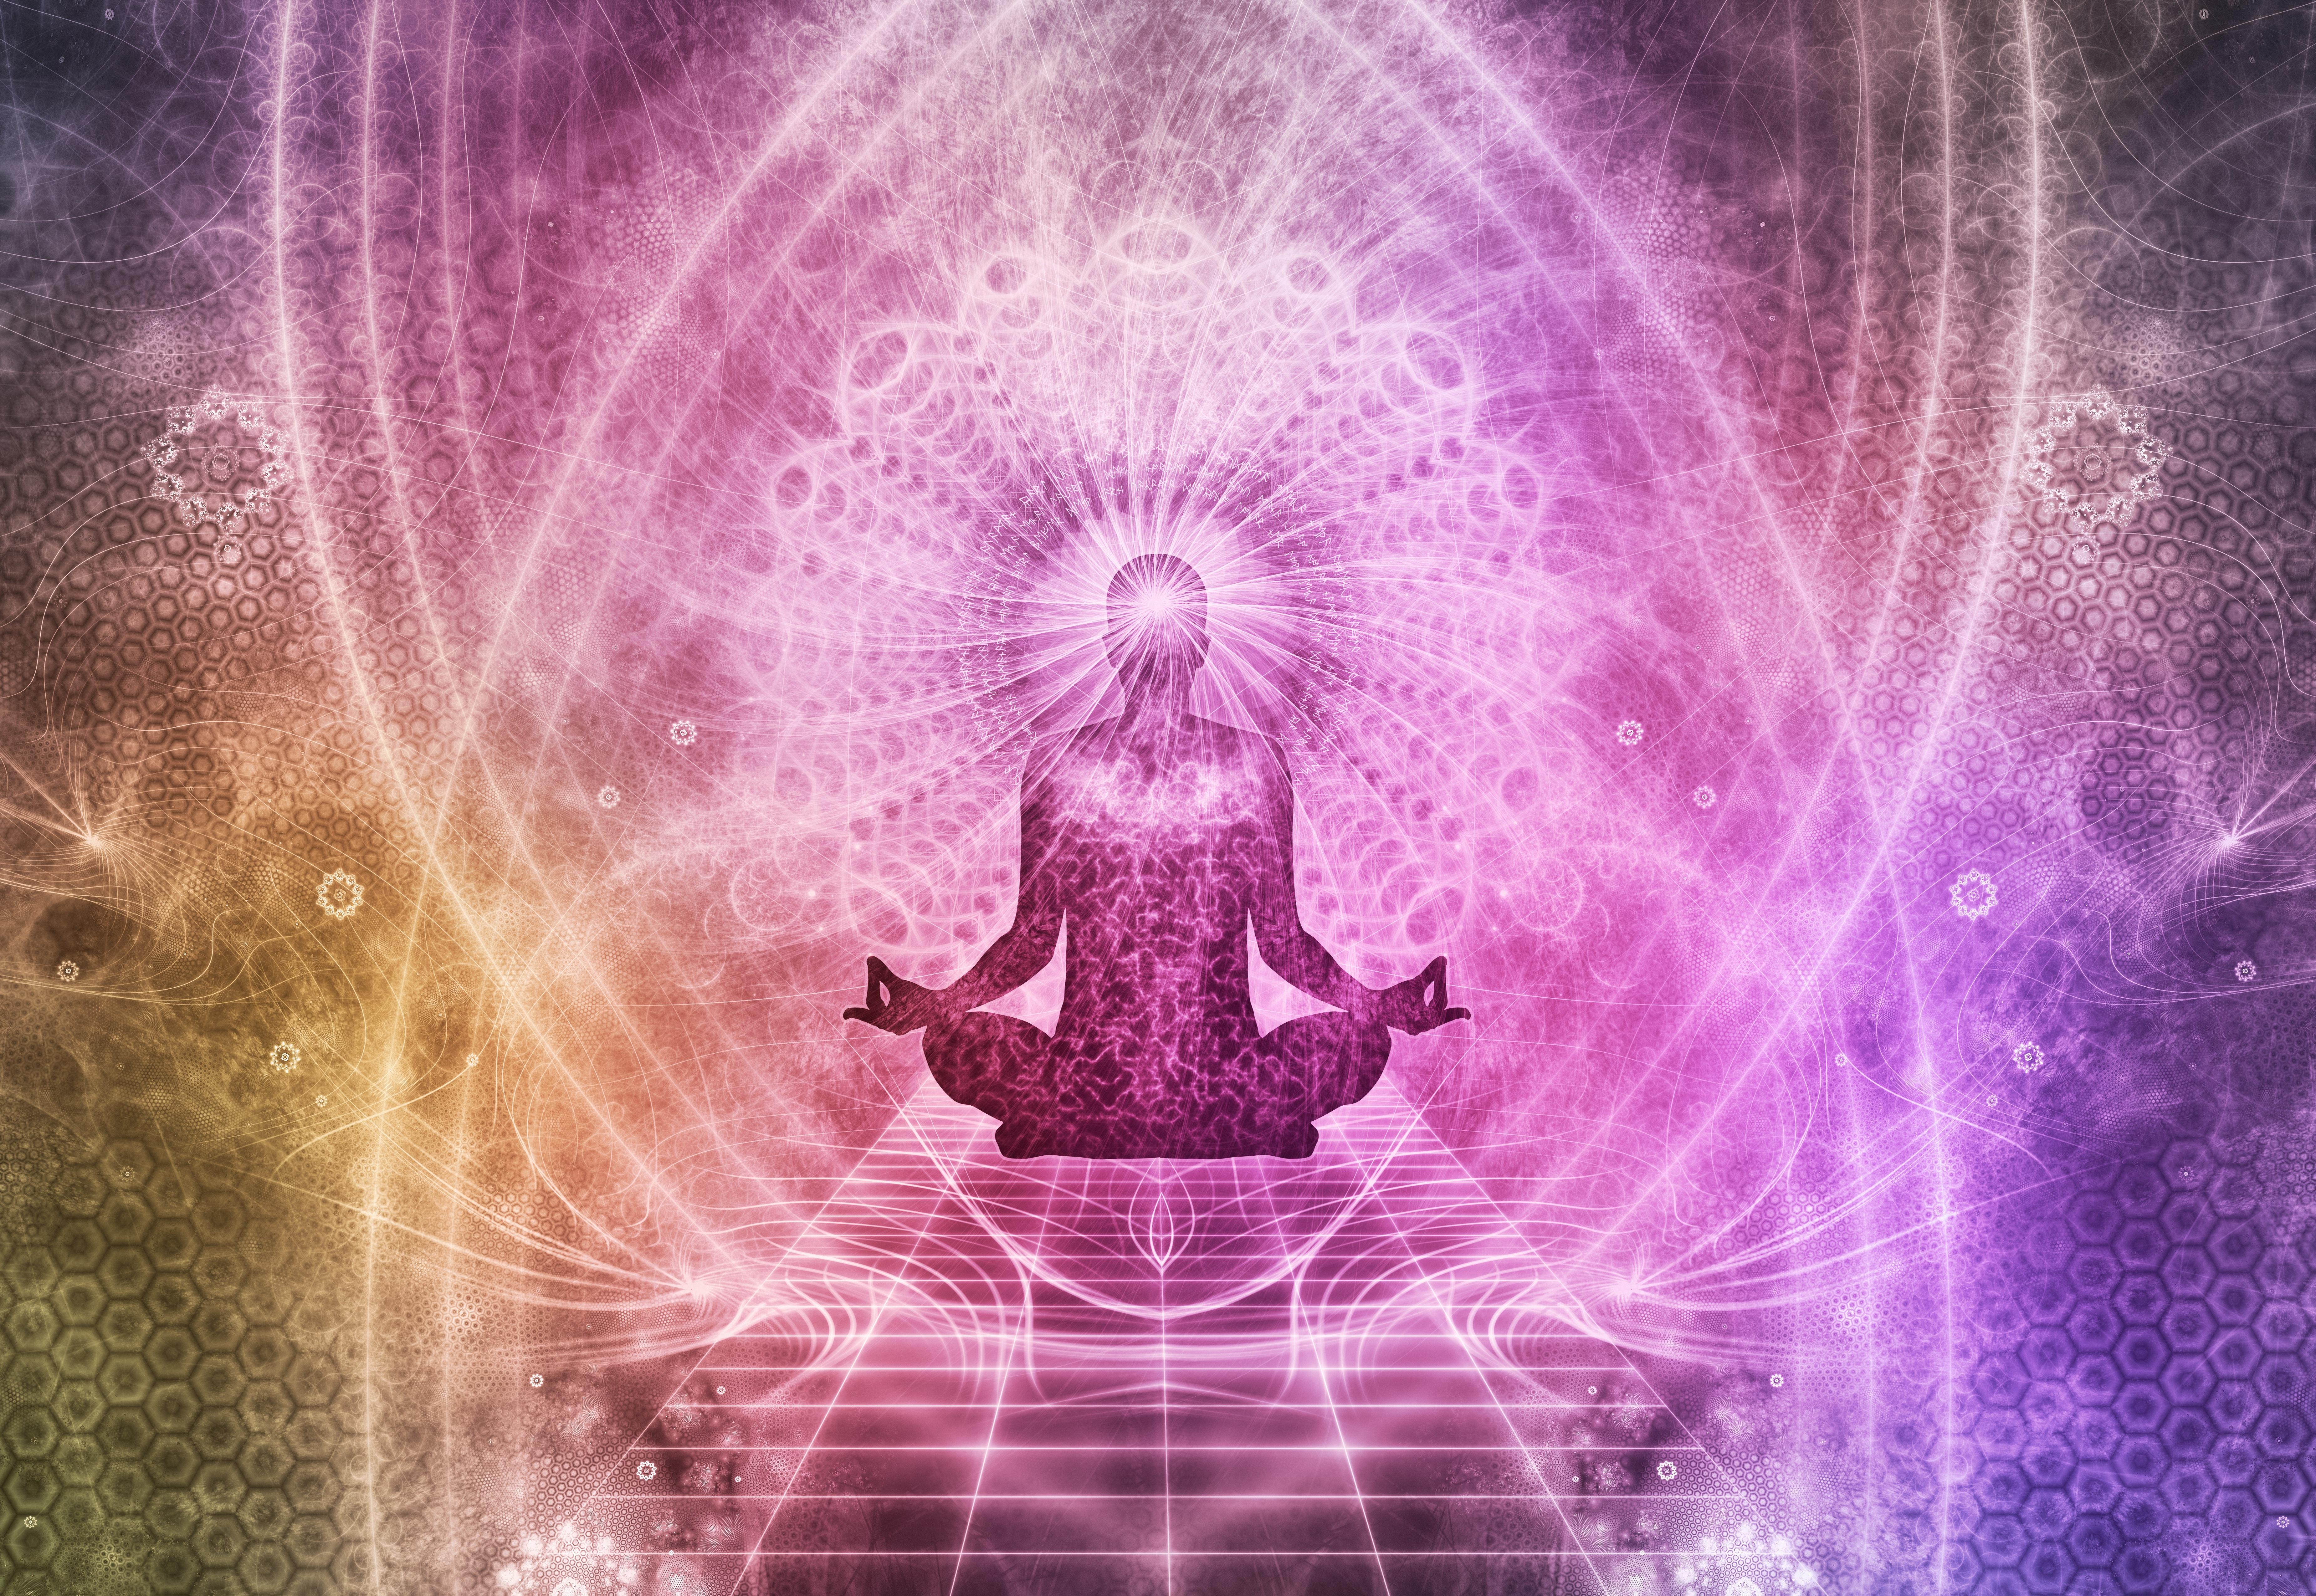 75014 Hintergrundbild herunterladen Buddhismus, Mandala, Kunst, Lotus, Energie, Meditation, Yoga, Chakra, Aura - Bildschirmschoner und Bilder kostenlos